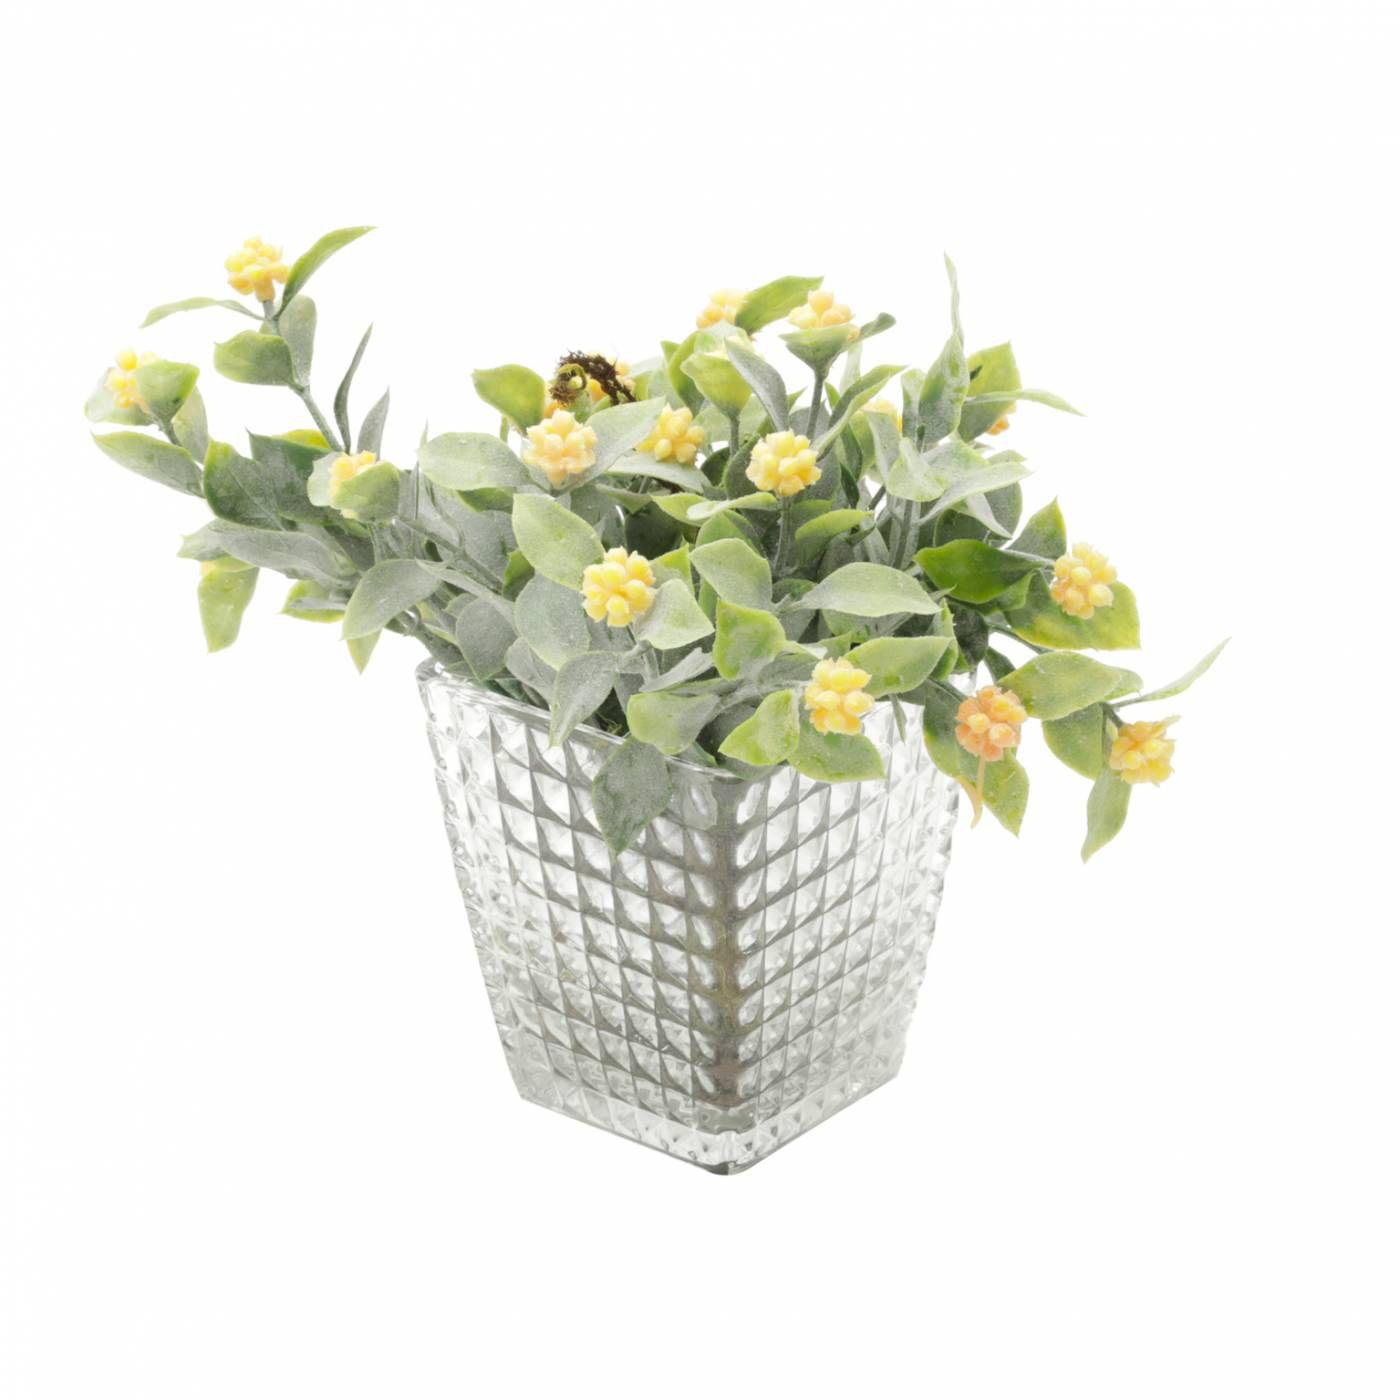 Vaso Bricks Transparente para Suculentas, Plantas e Flor